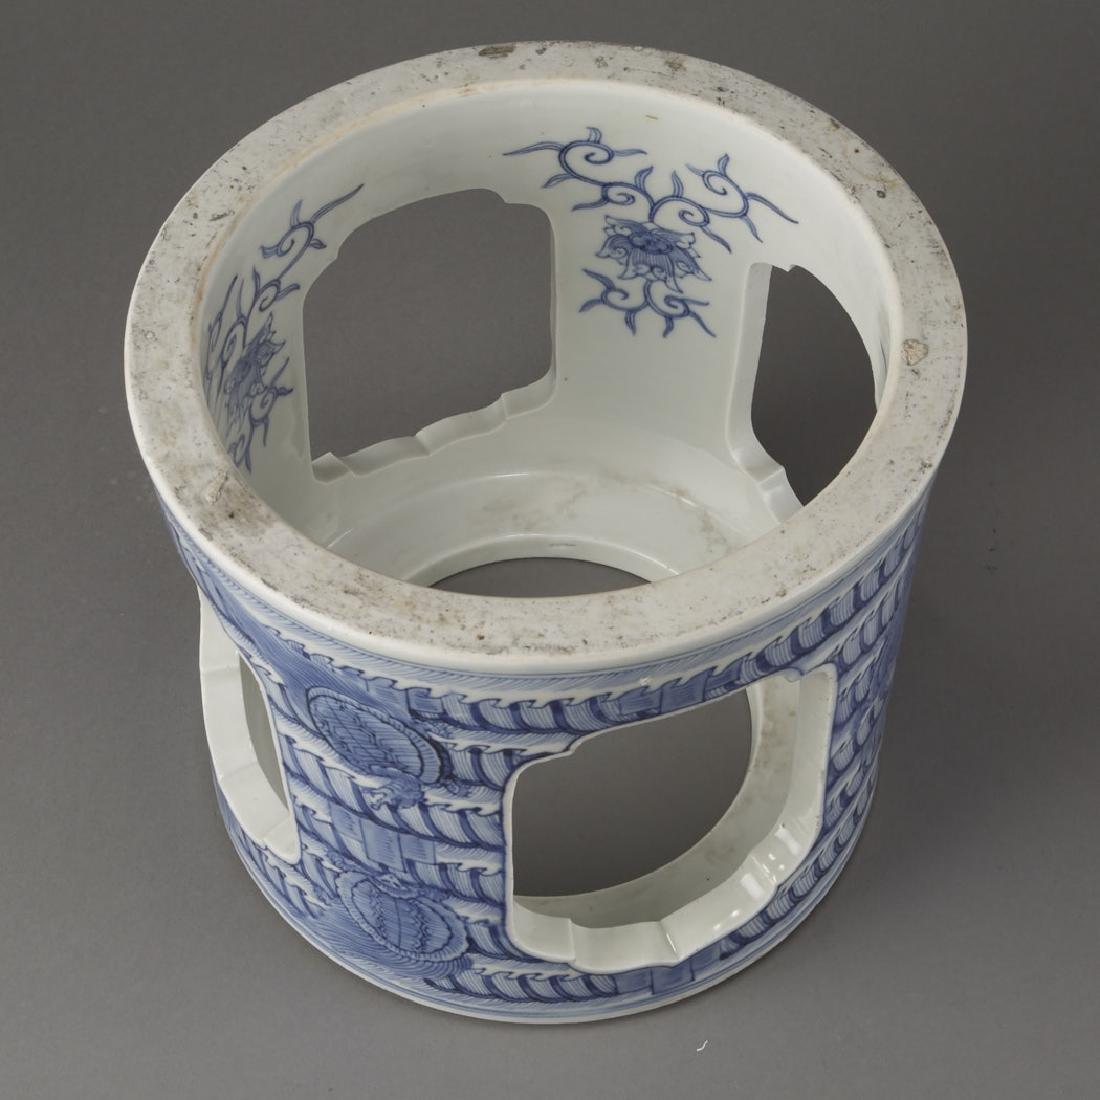 Japanese Meiji Porcelain Brazier Arita/Hirado-BTC Acpt - 3